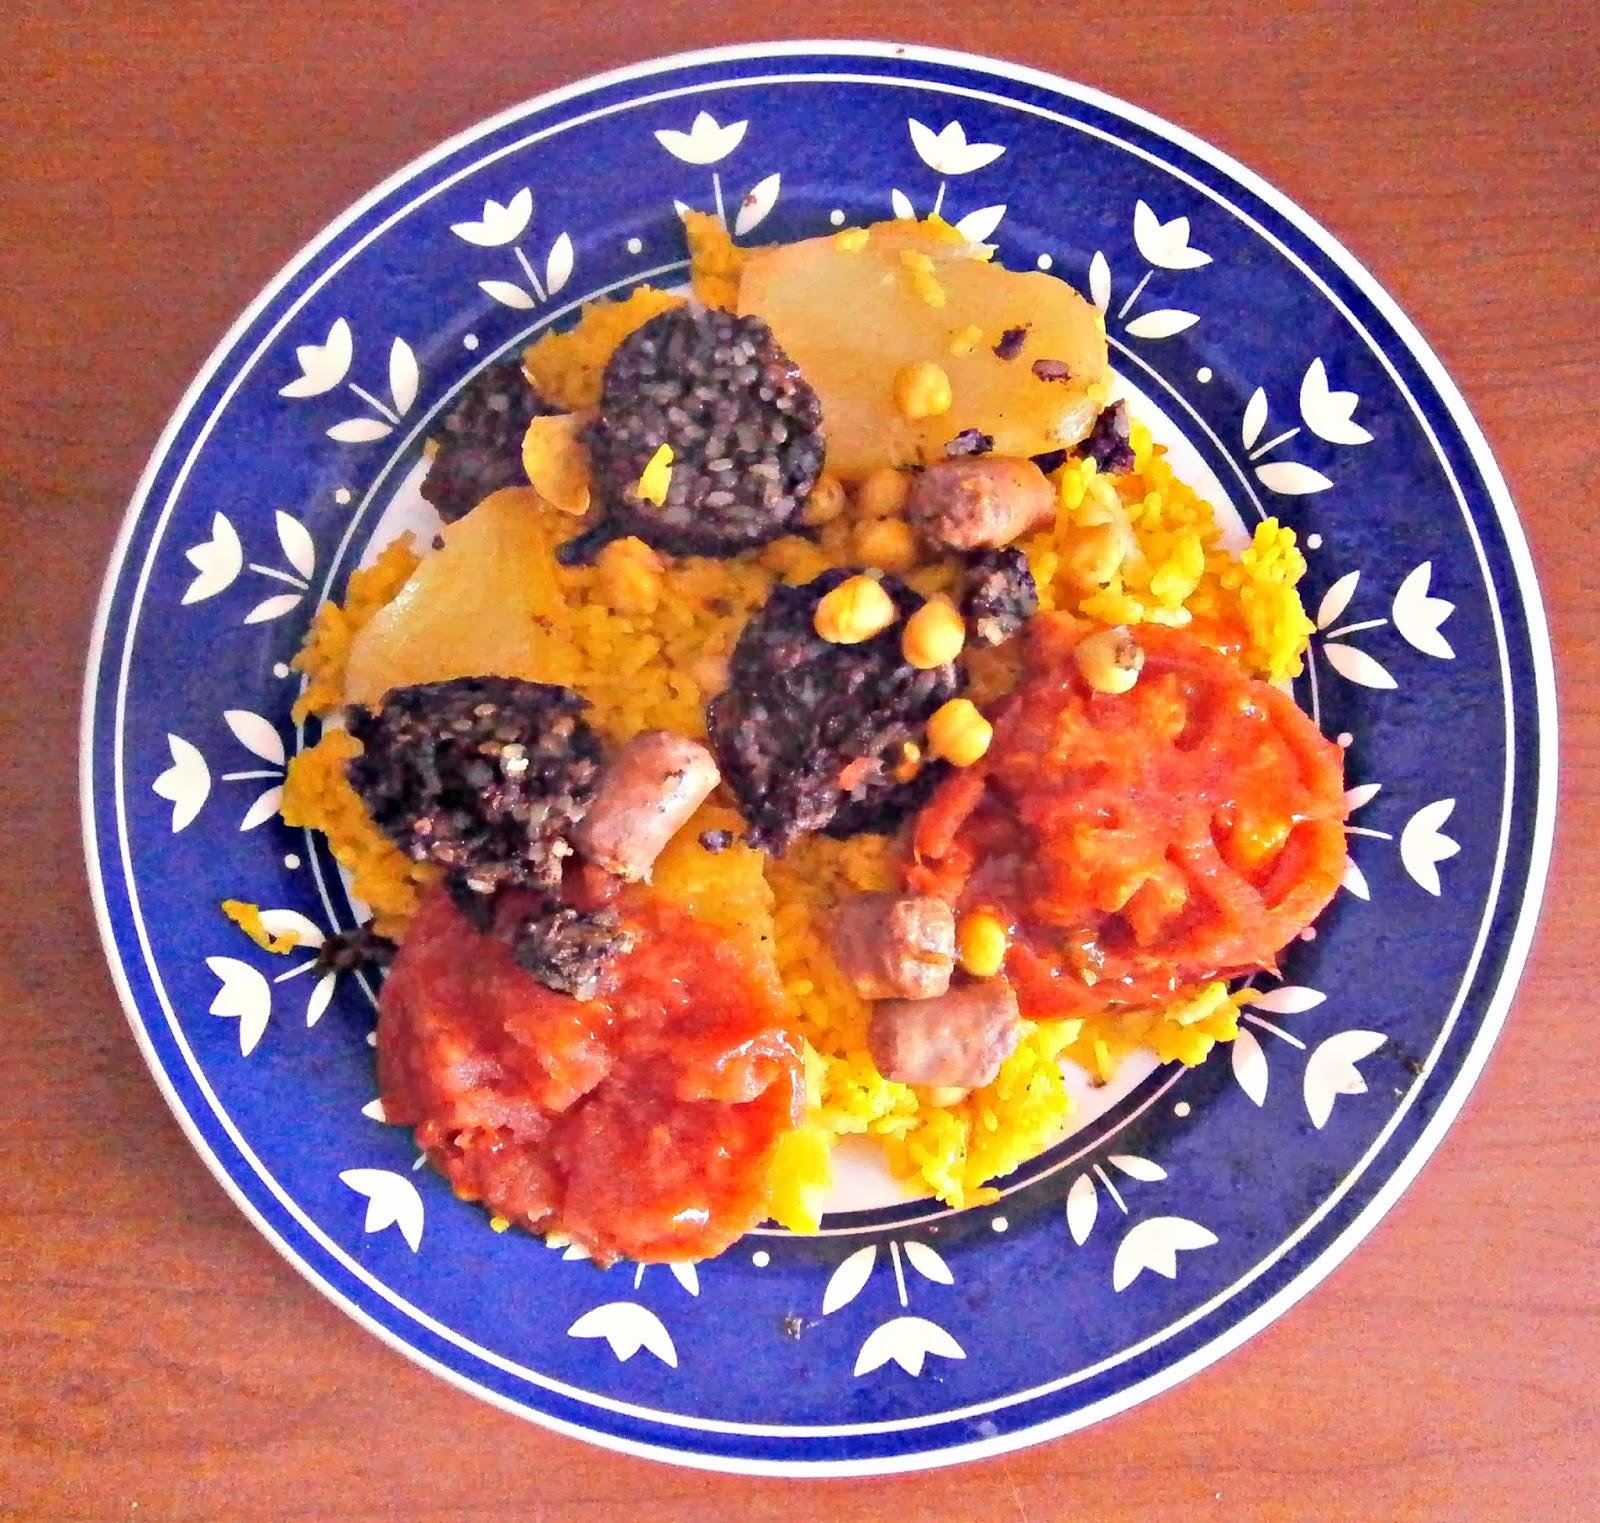 Cocina con cristina arroz al horno olla gm o en horno for Horno convencional pequeno